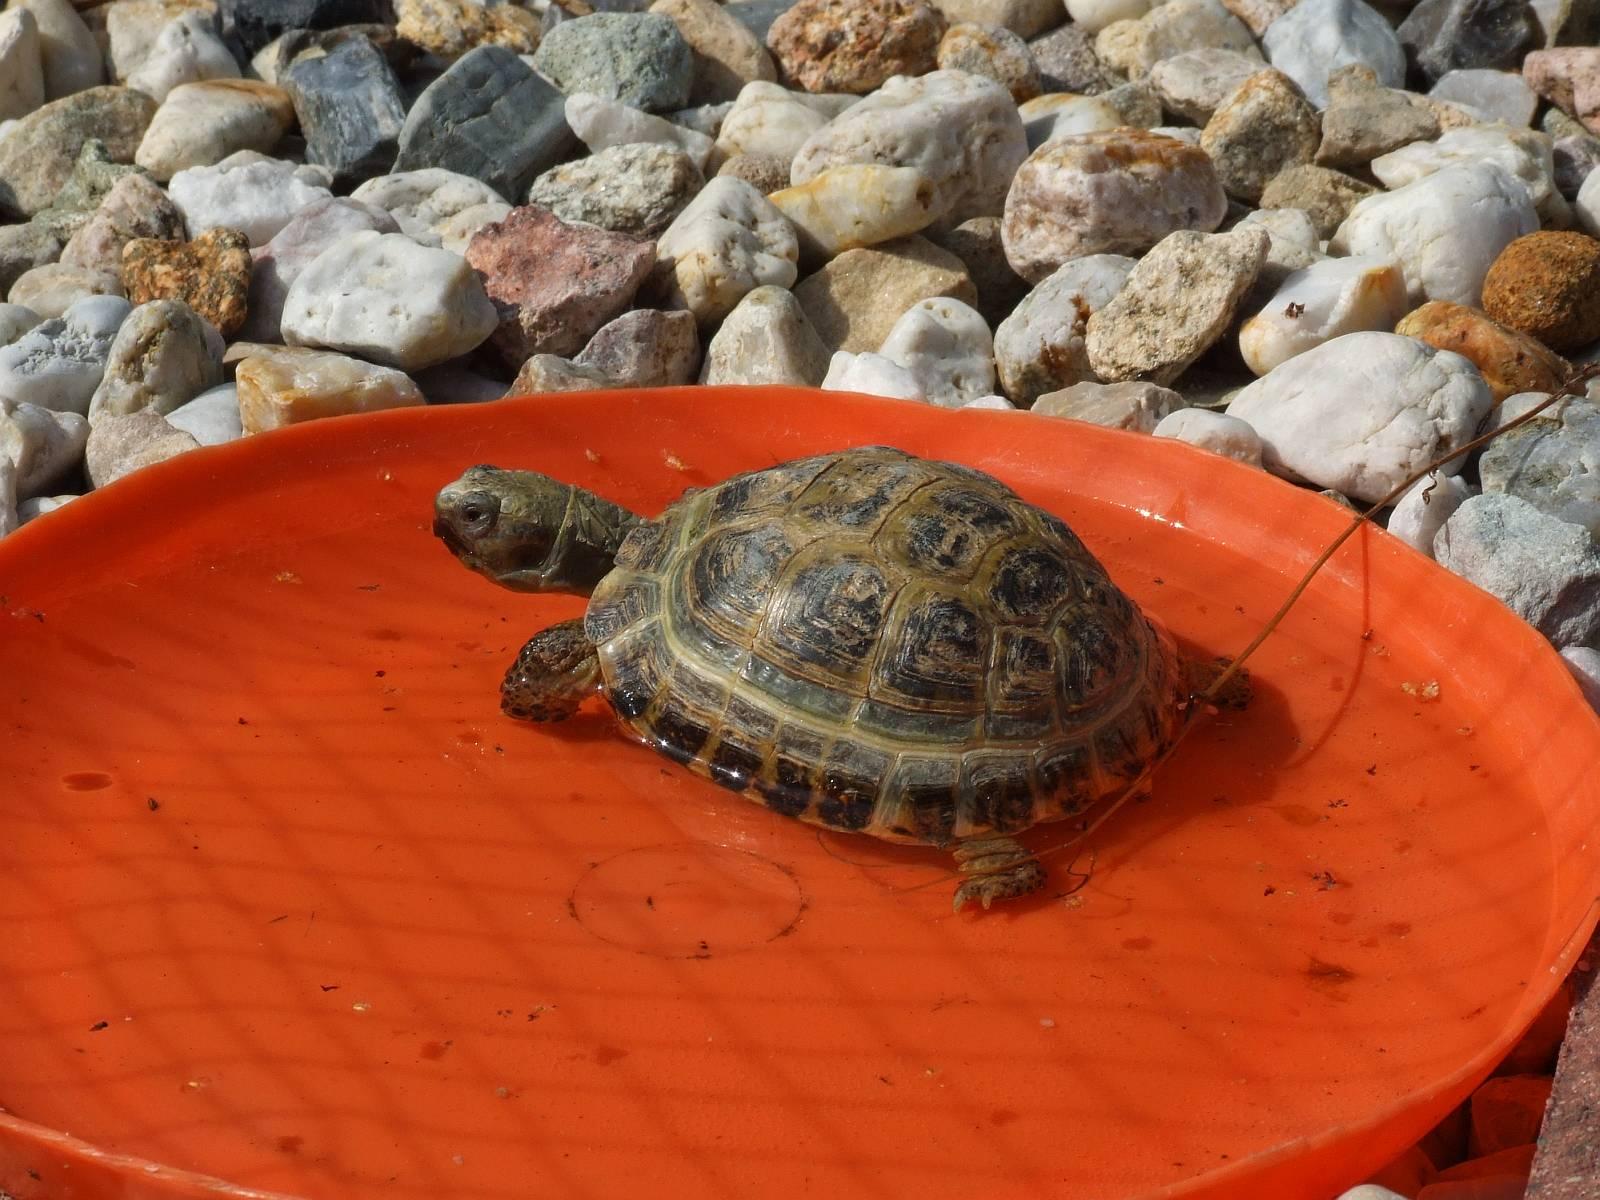 Griechische Landschildkröte Olga badet sehr gerne